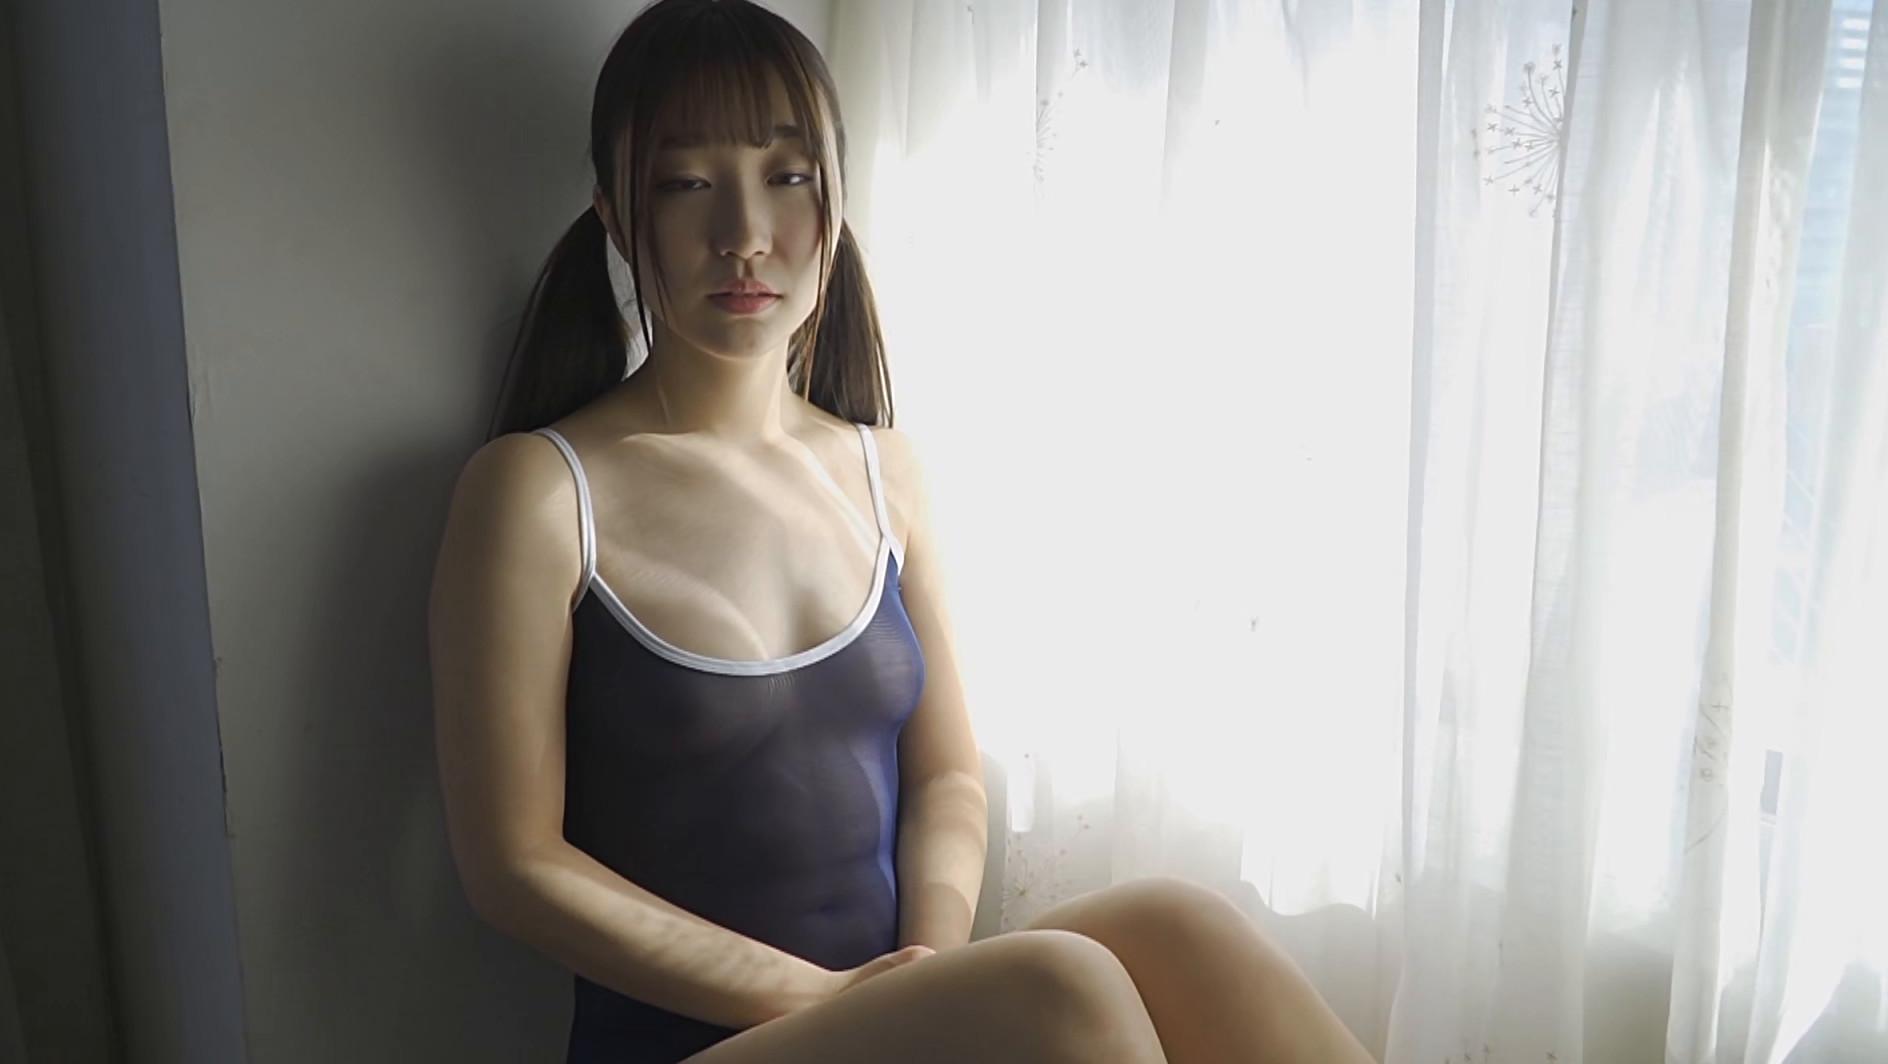 ヌーディスト上京Girl 天然みのり 画像20